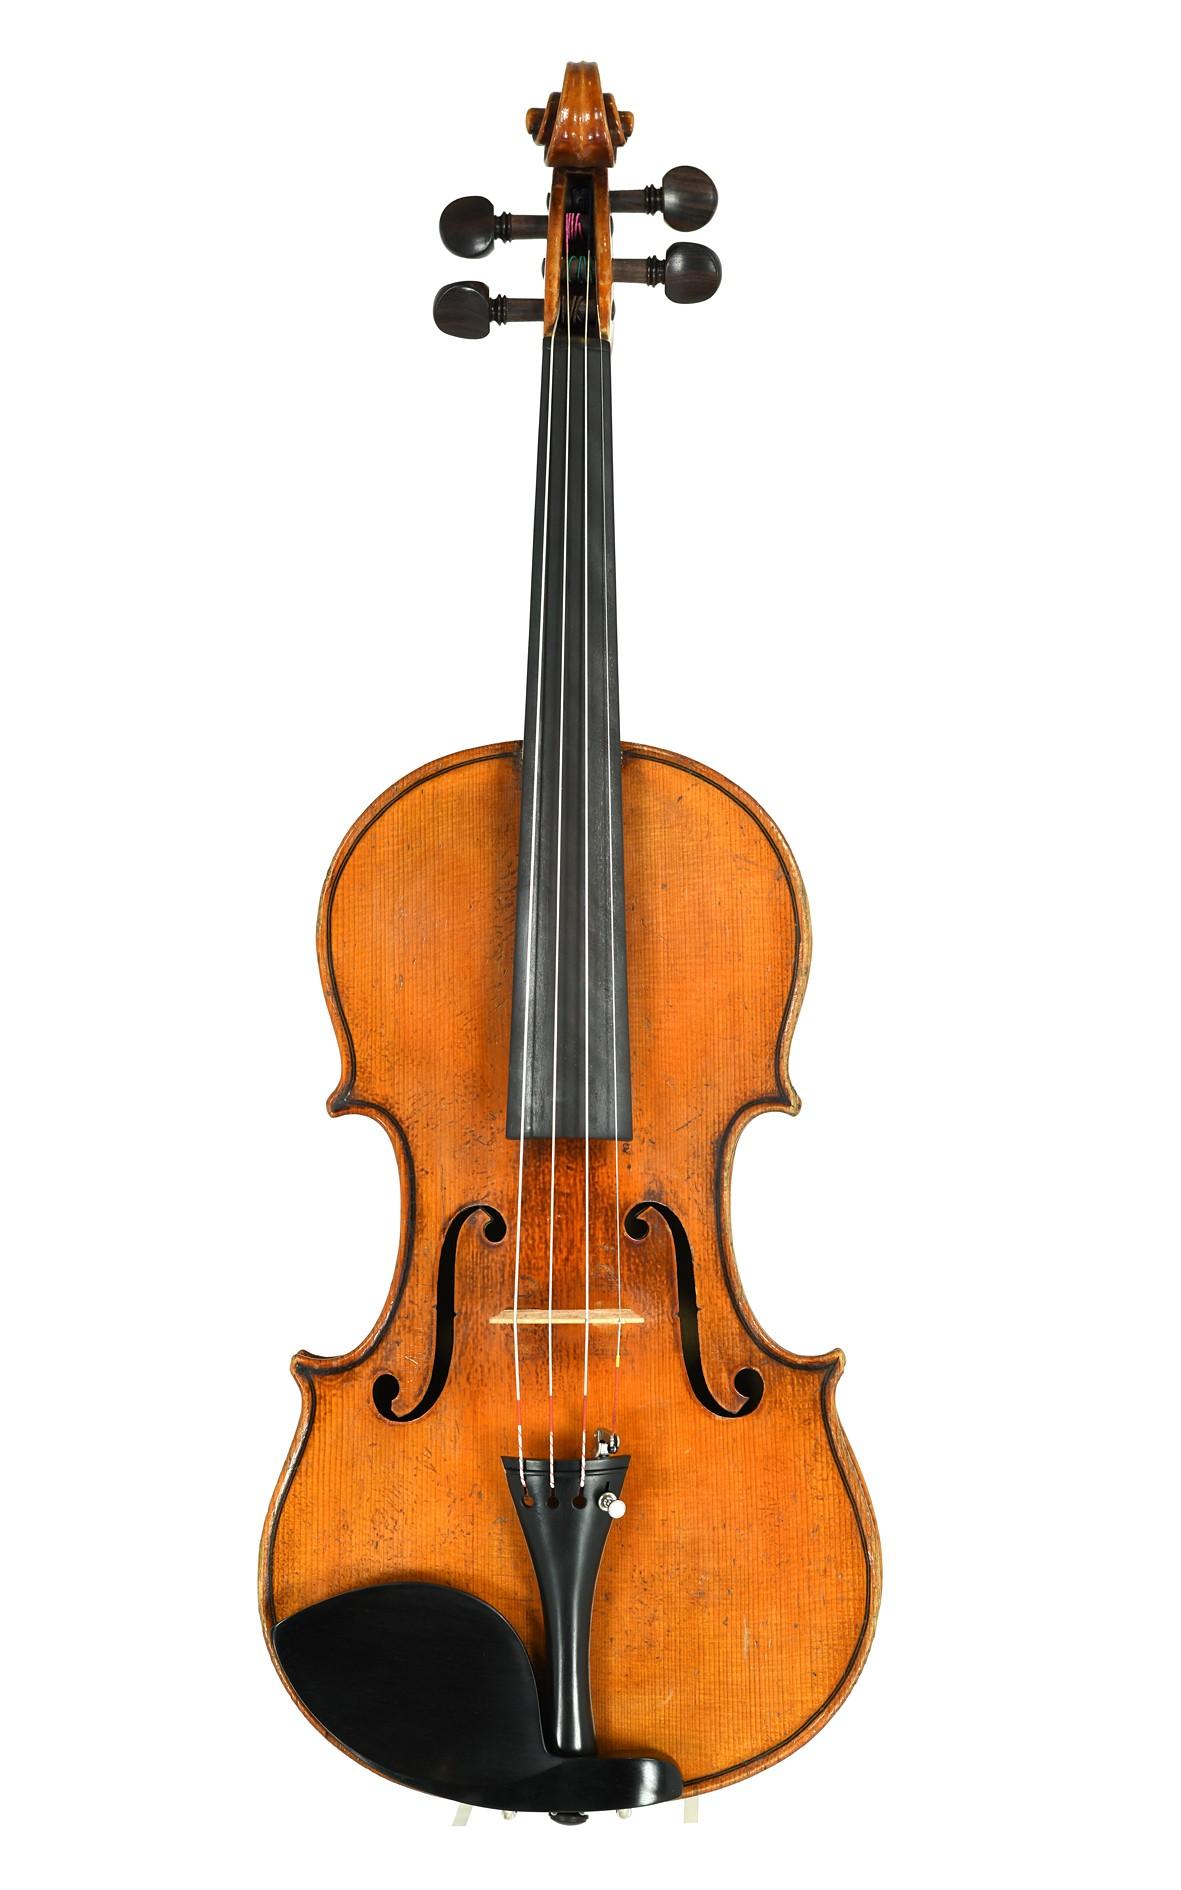 Antique violin, Markneukirchen